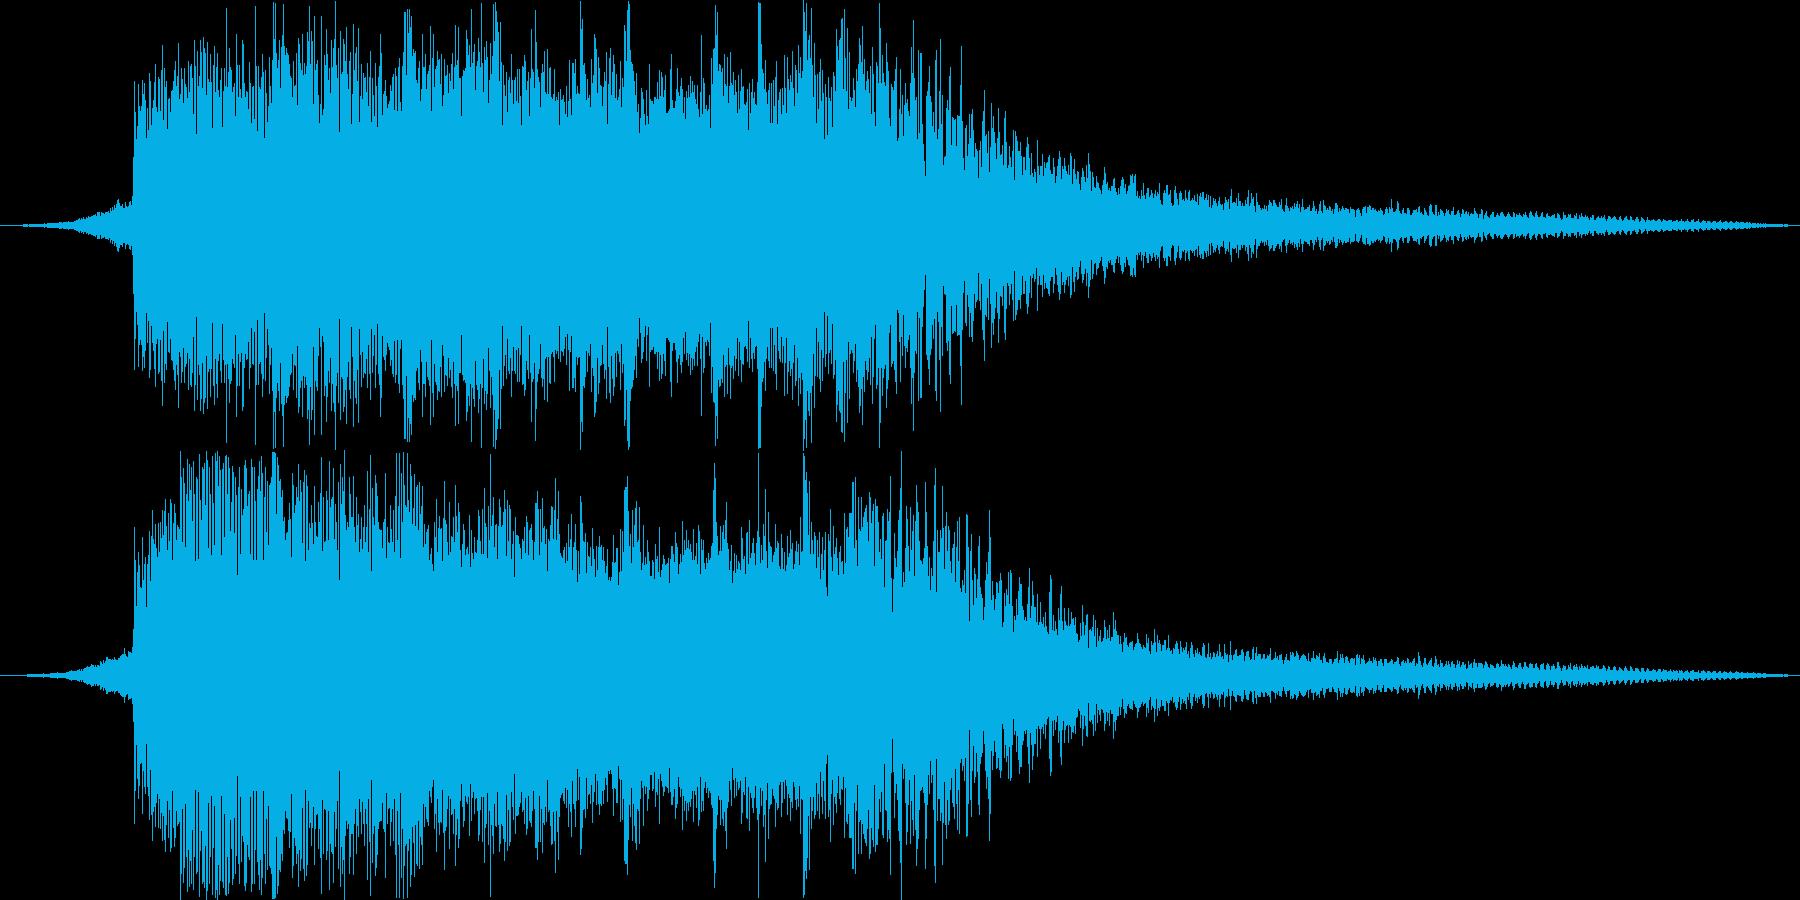 サウンドロゴ#2の再生済みの波形